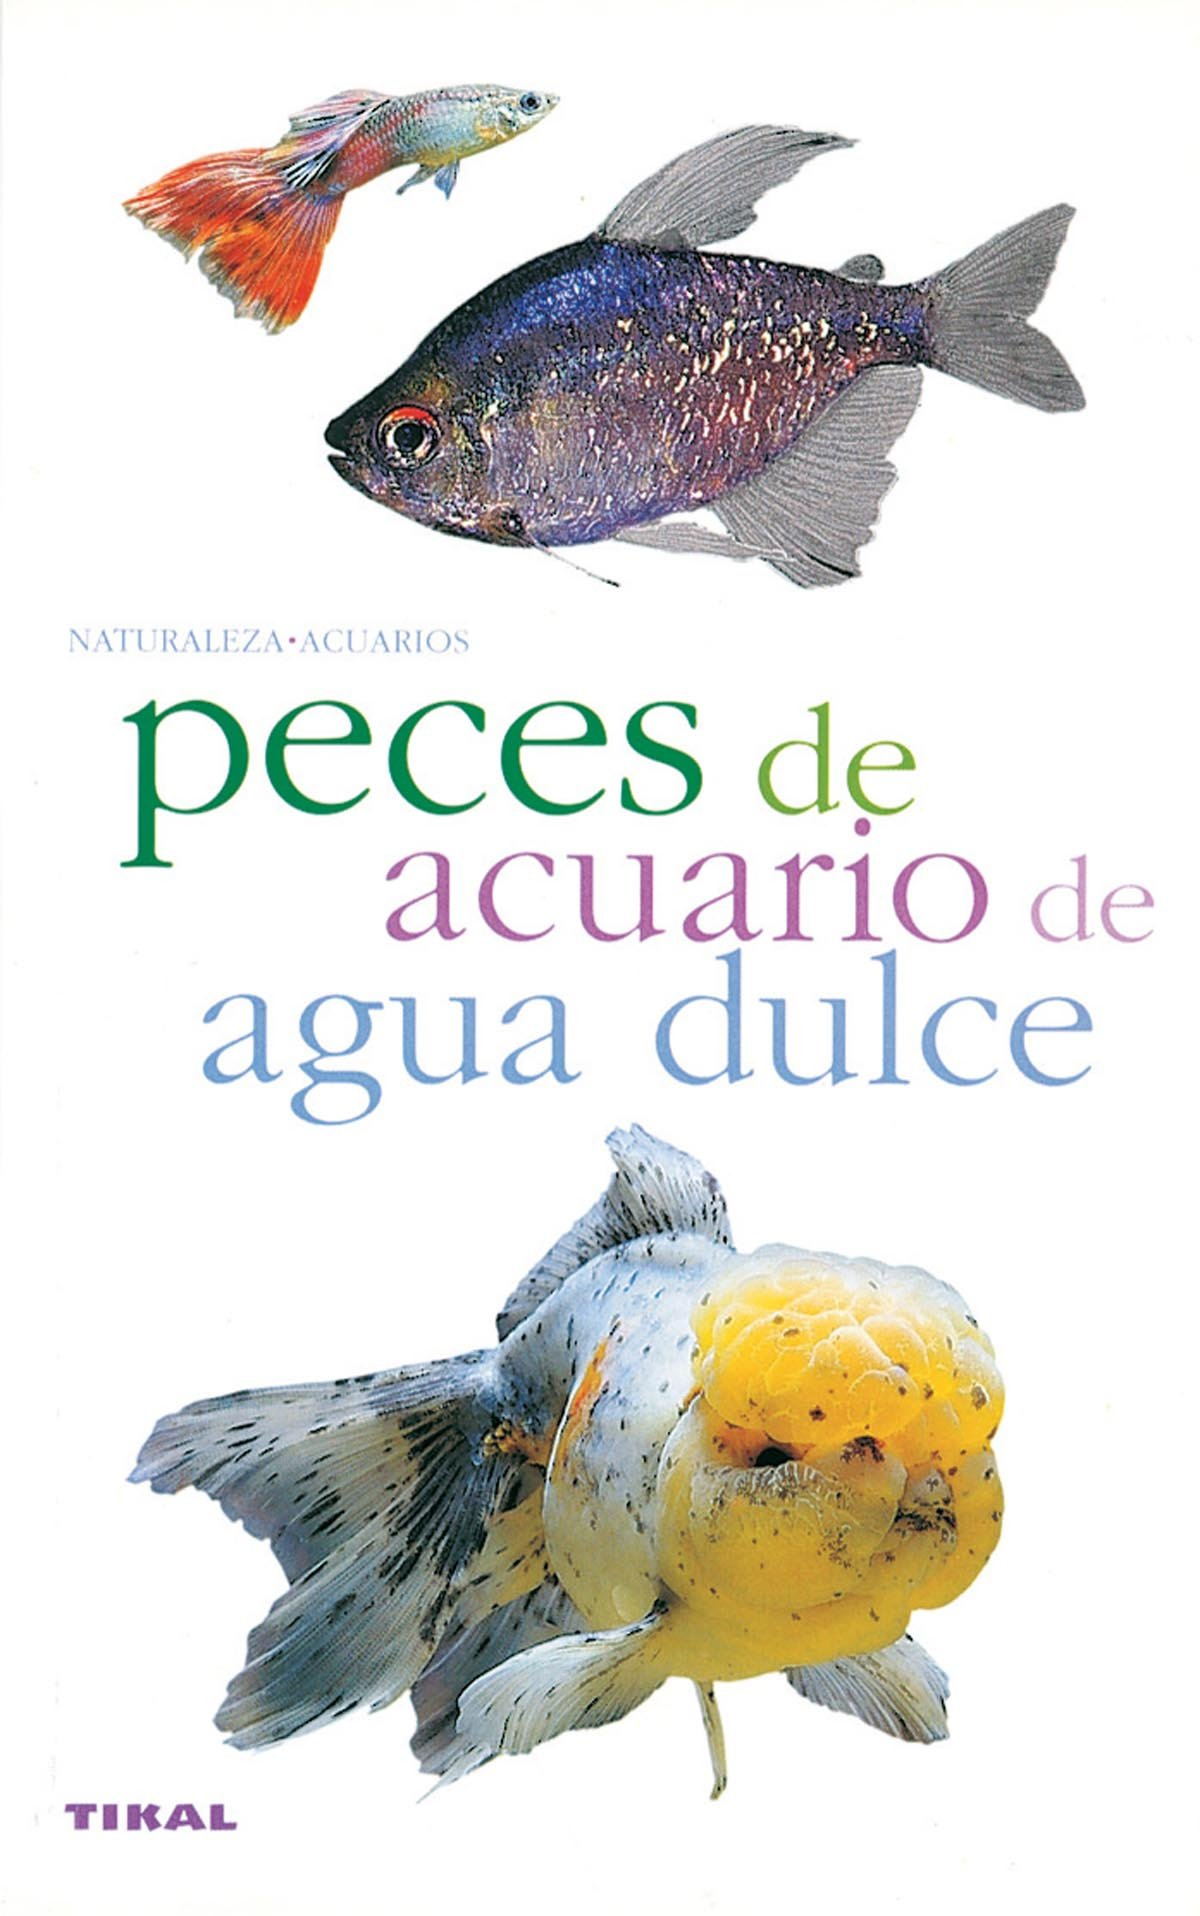 Peces de acuario de agua dulce (Spanish) Paperback – 2013